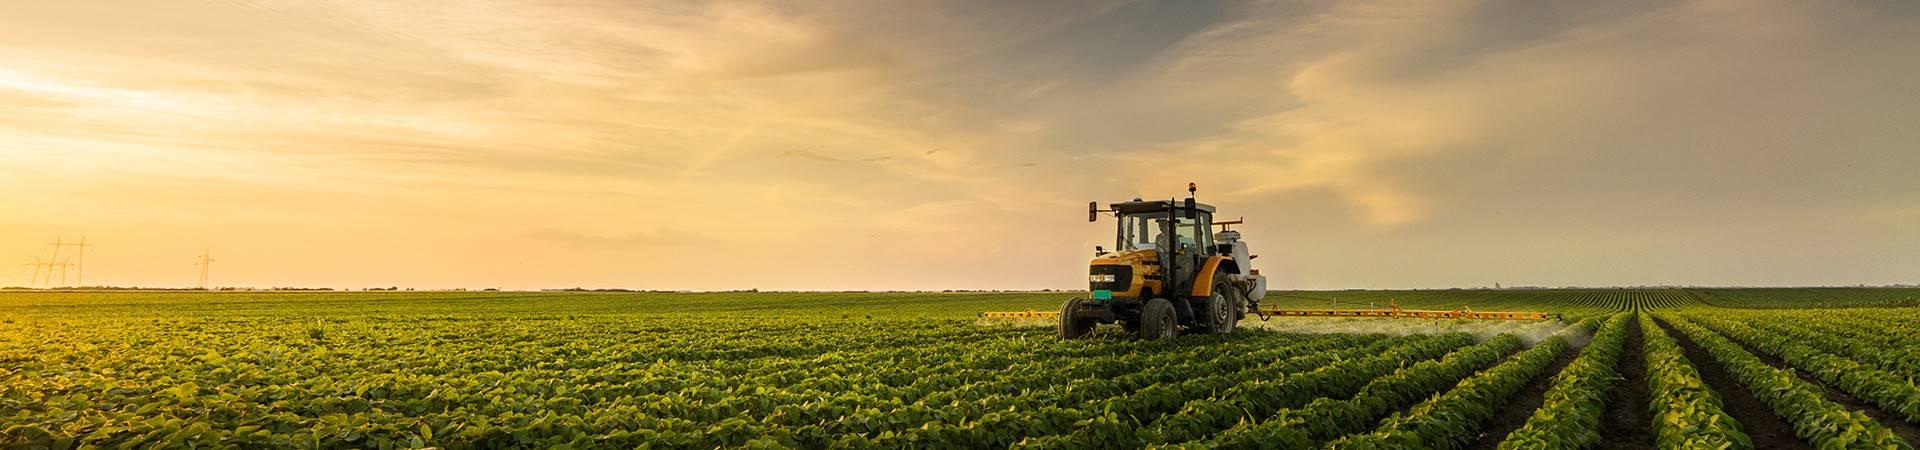 Easygoing գյուղատնտեսական վարկ